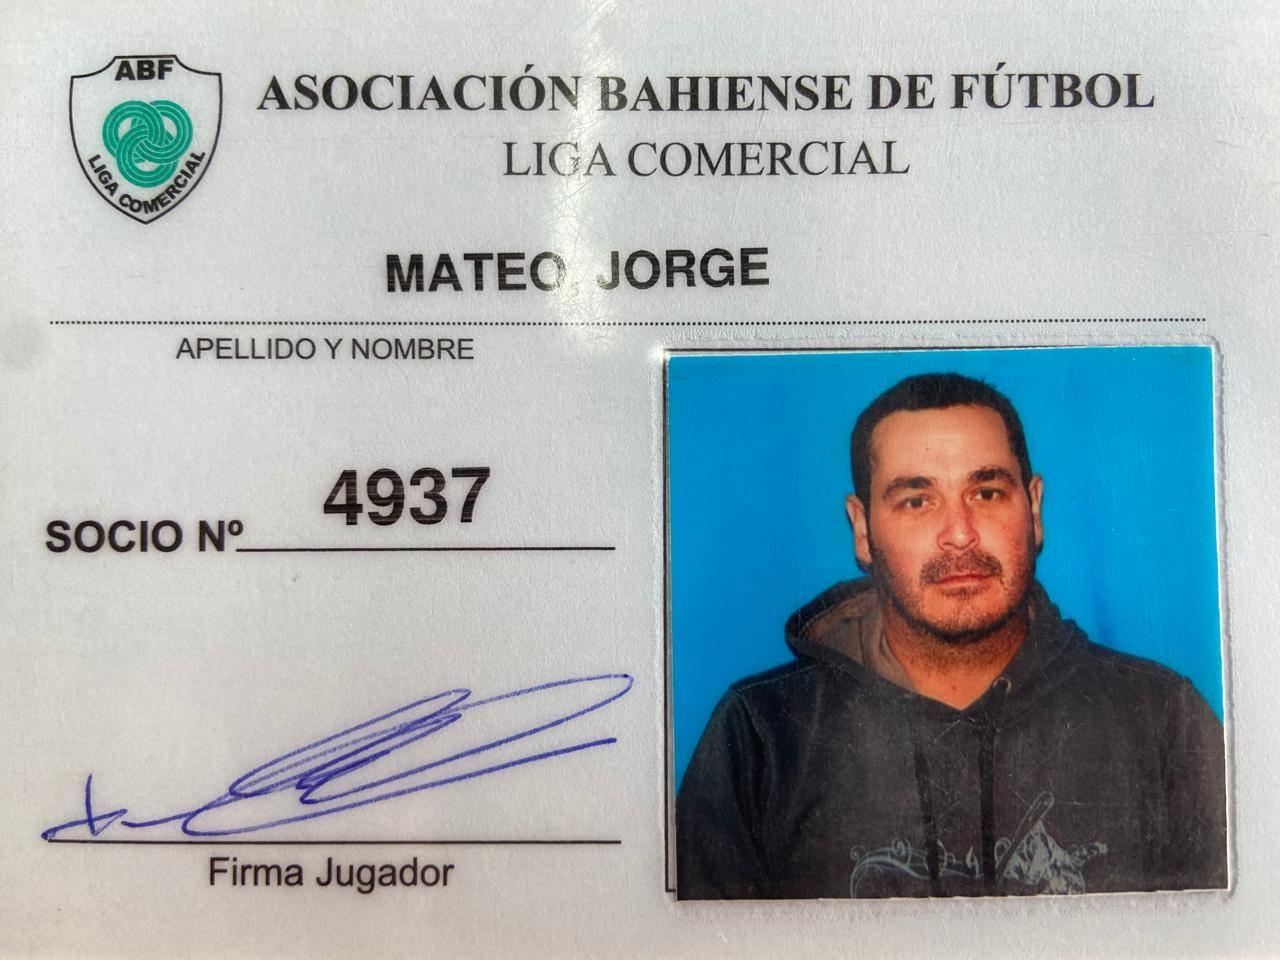 Jorge Mateo